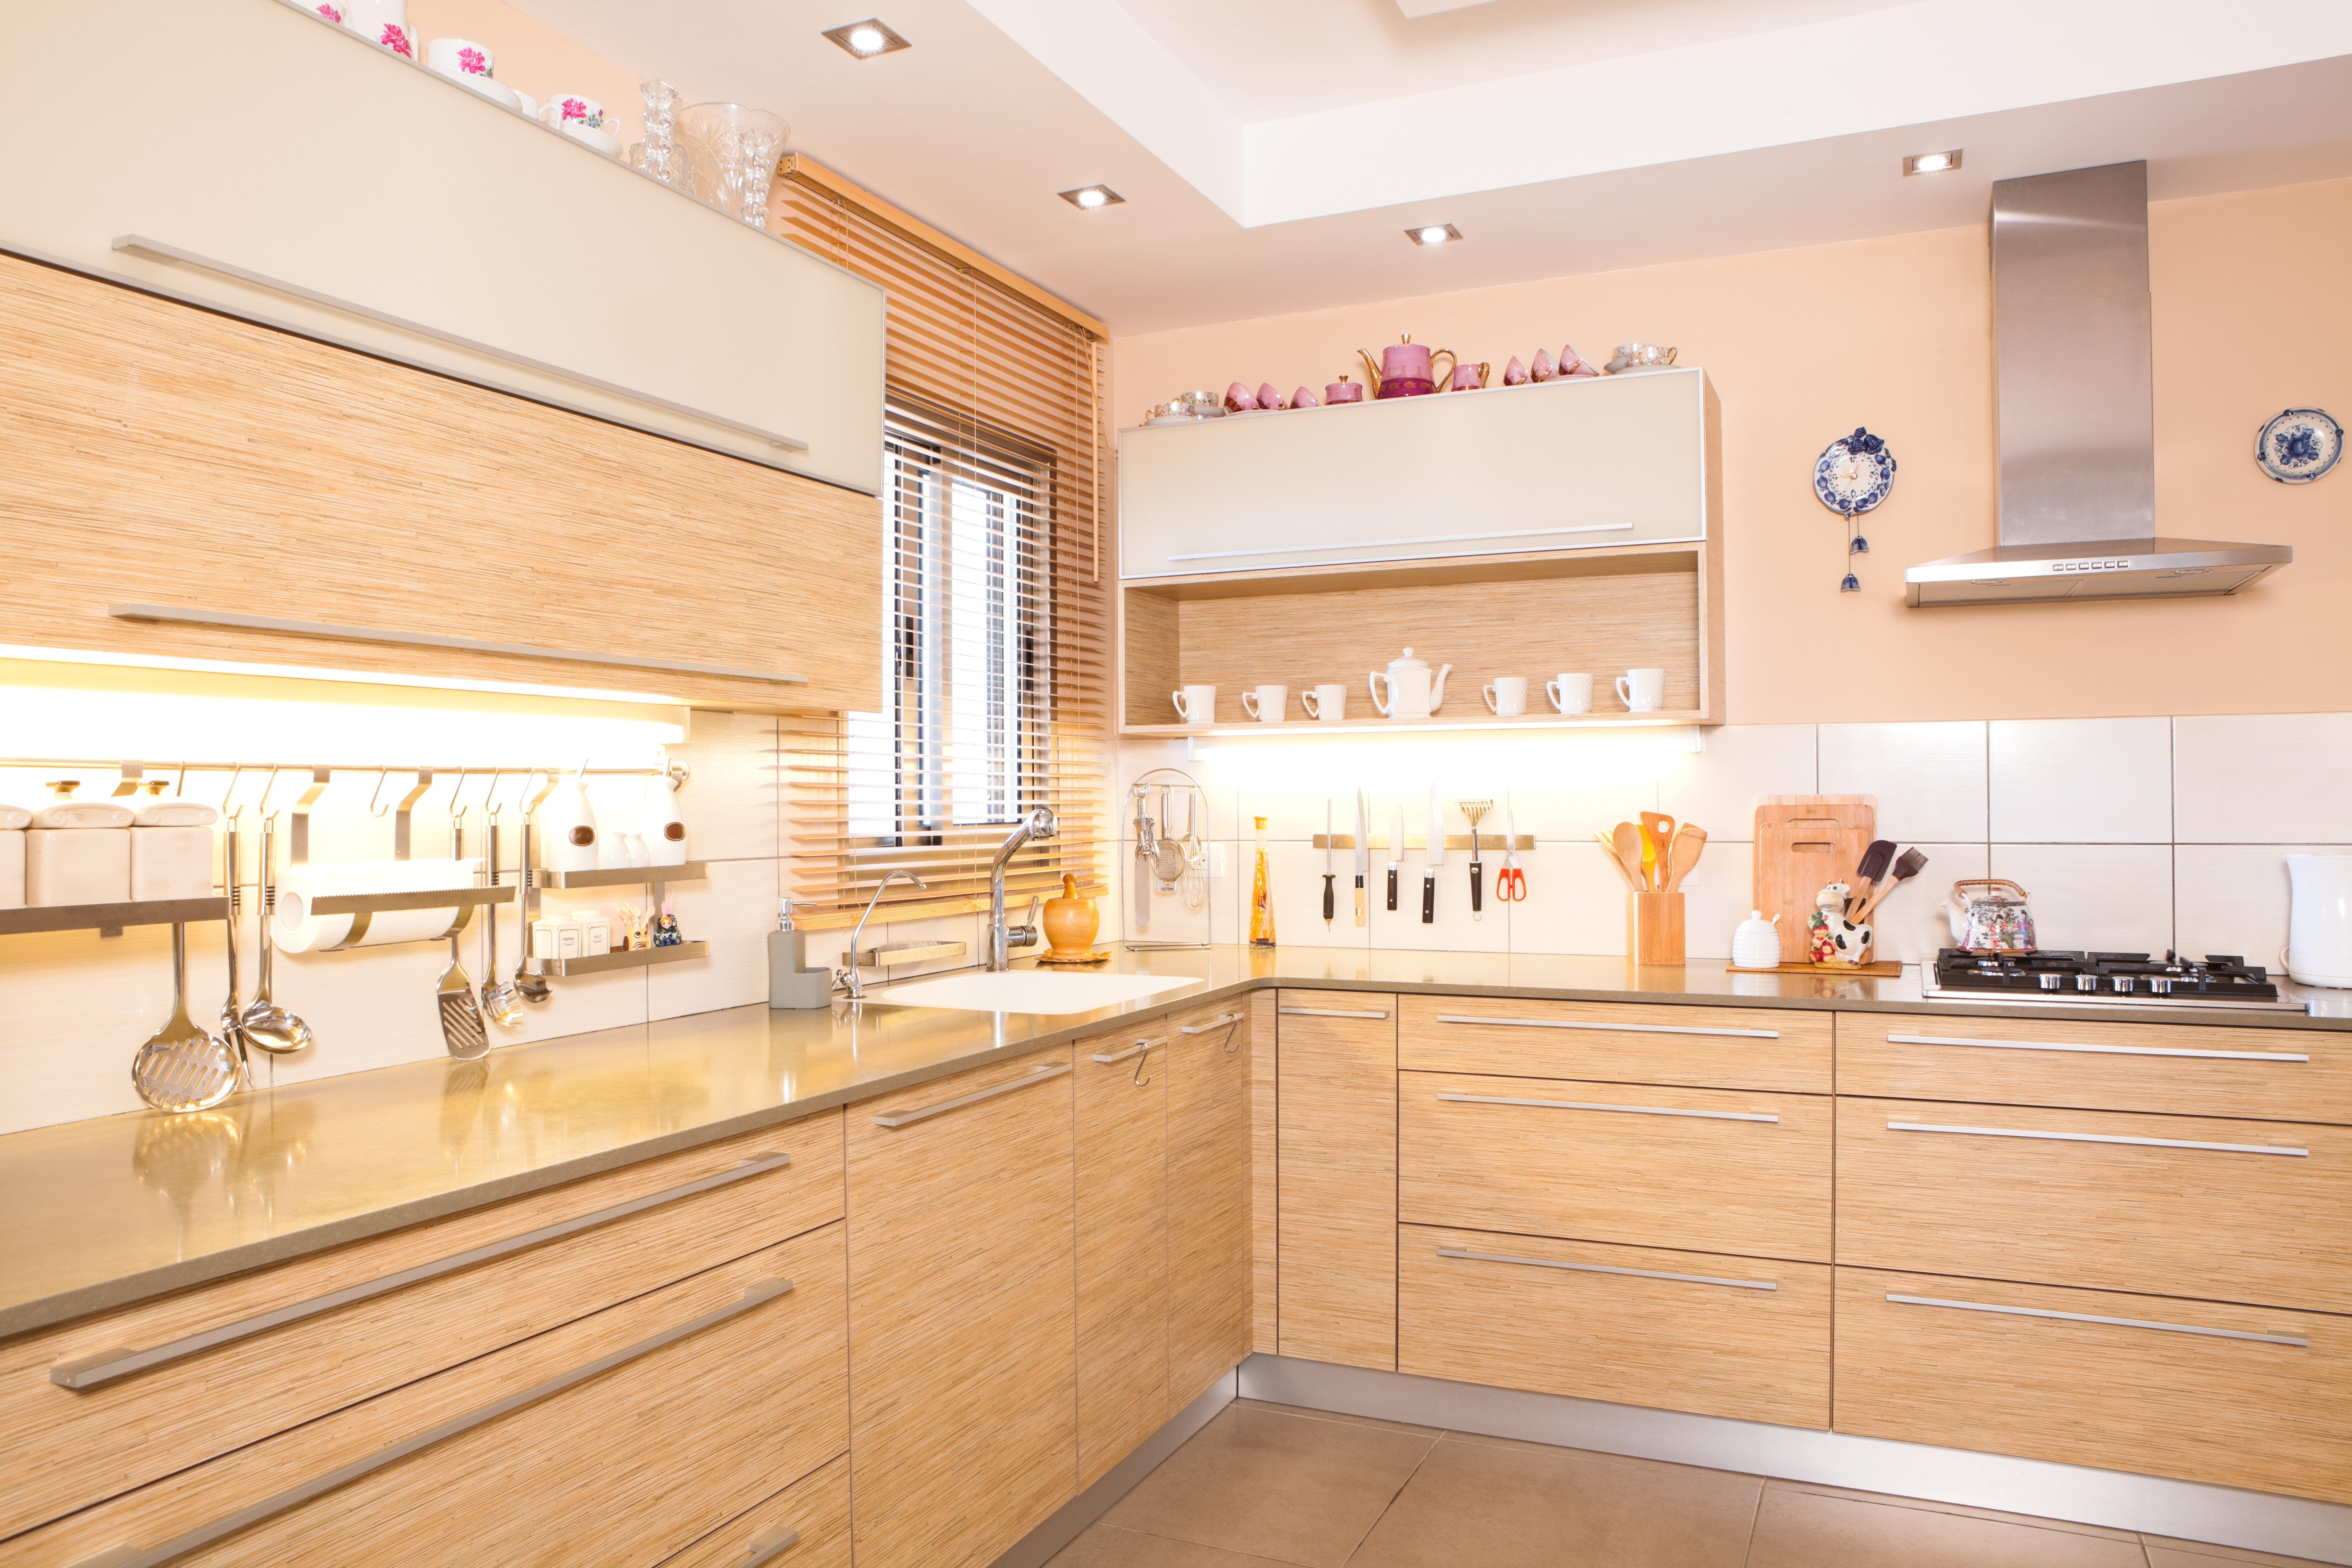 Négyzet alakú spotlámpák konyhában felszerelve